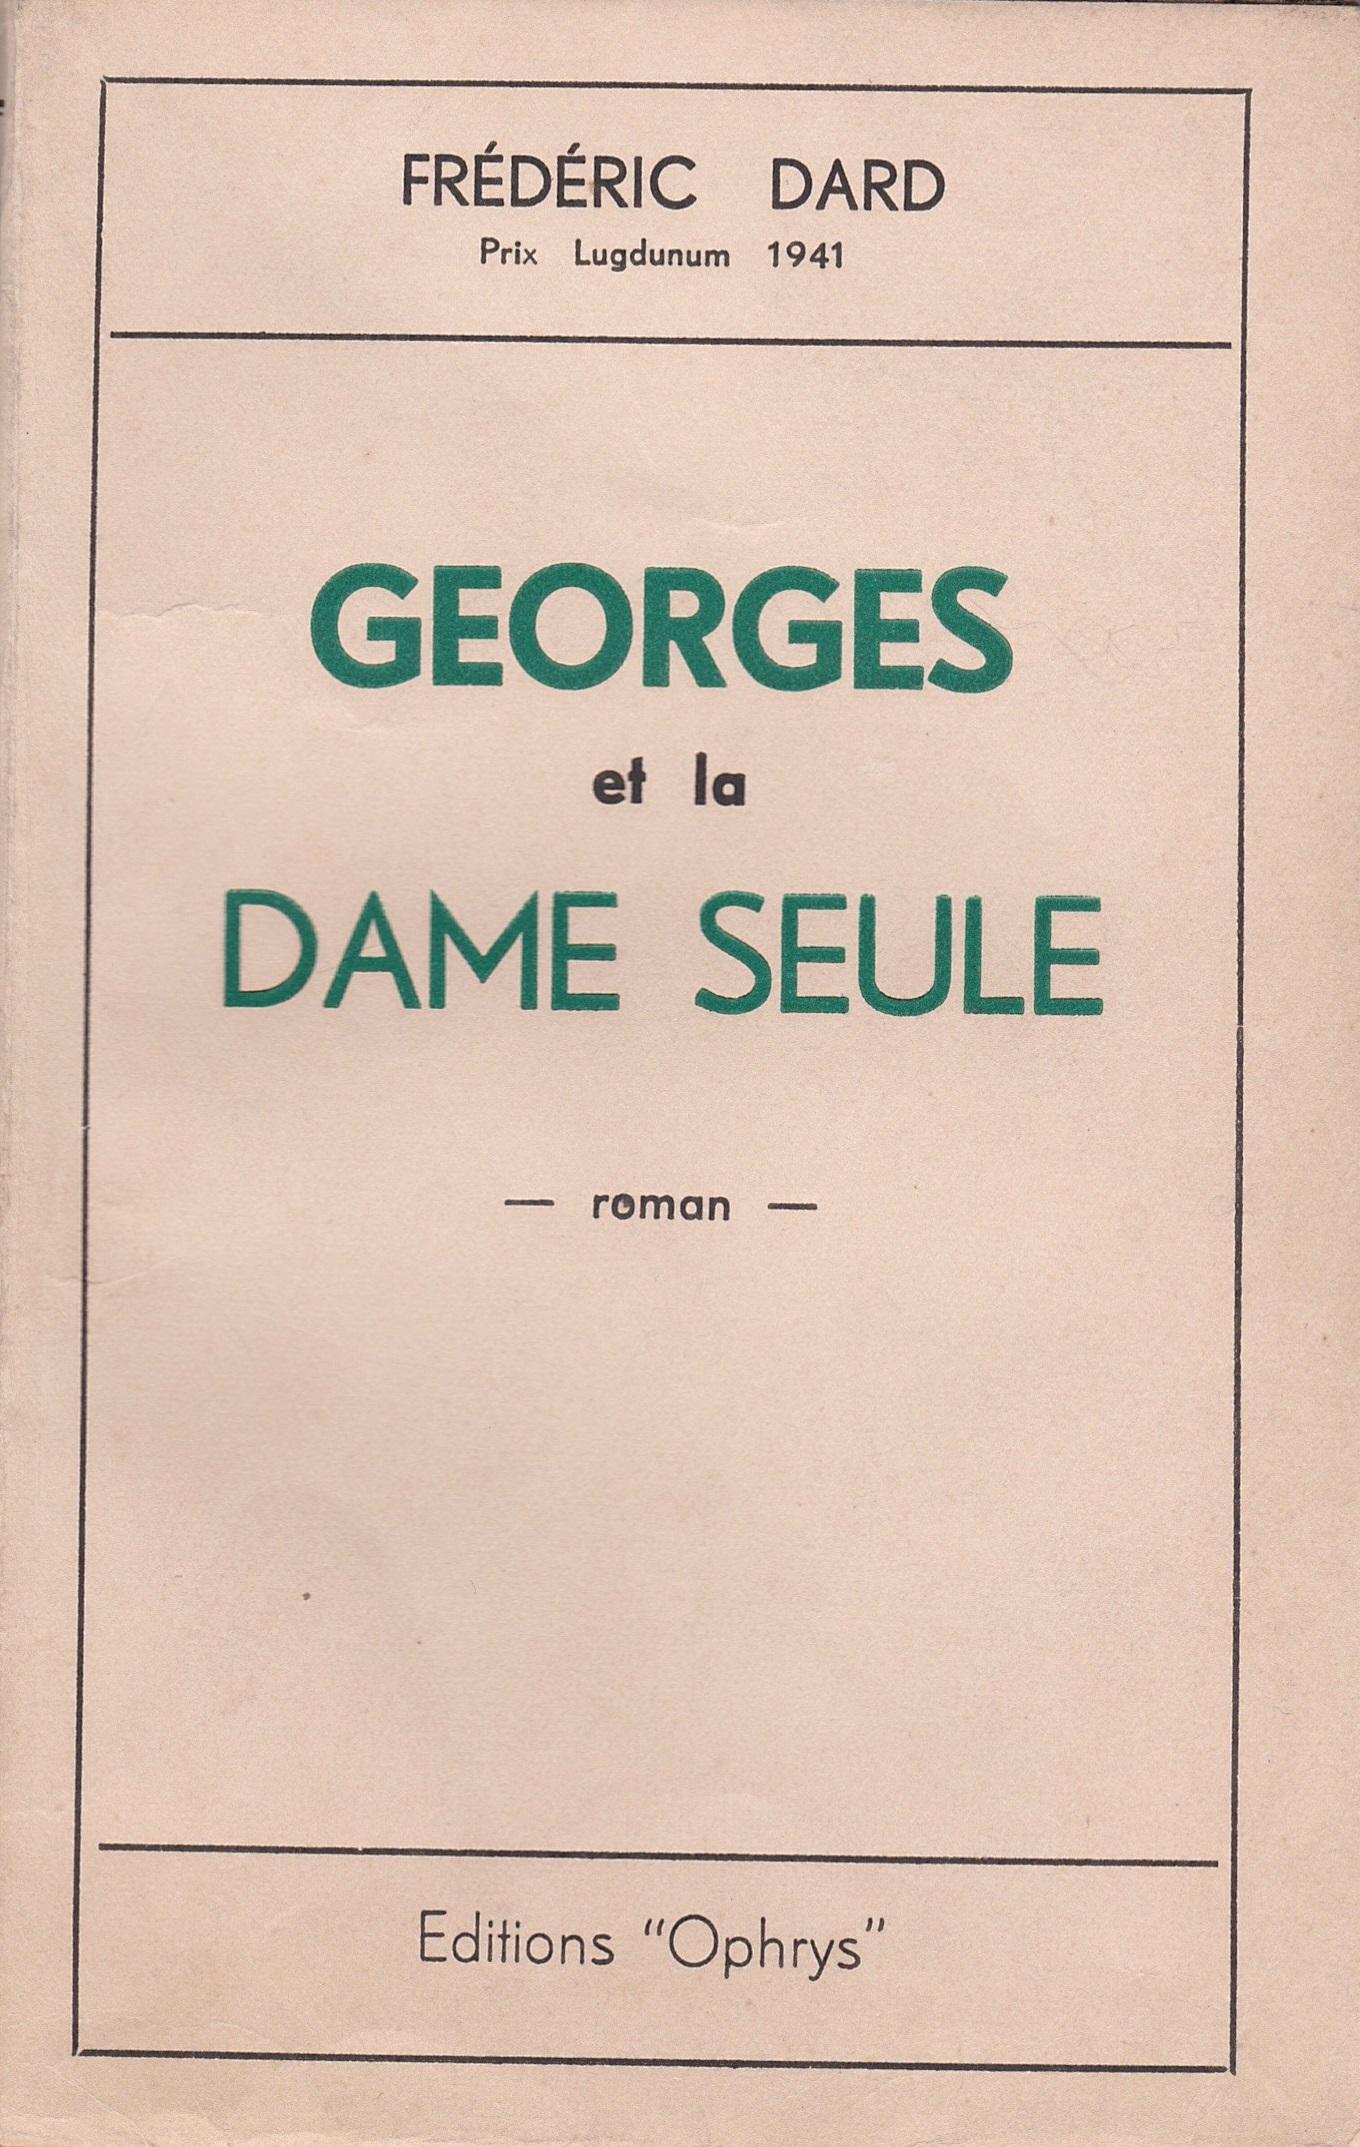 Georges et la dame seule